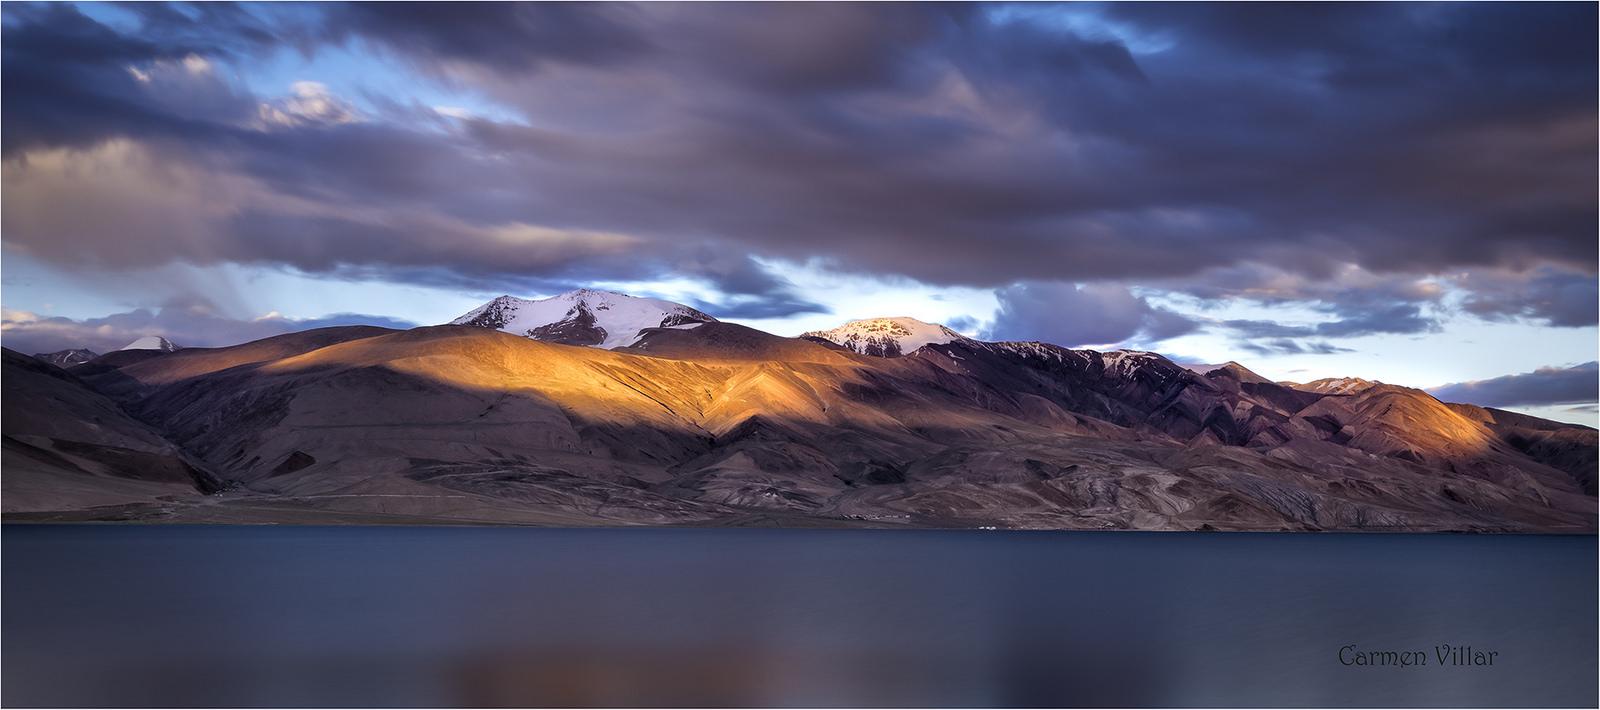 Lago Tsomo- Riri, Ladakh, Himalaya by Carmen Villar